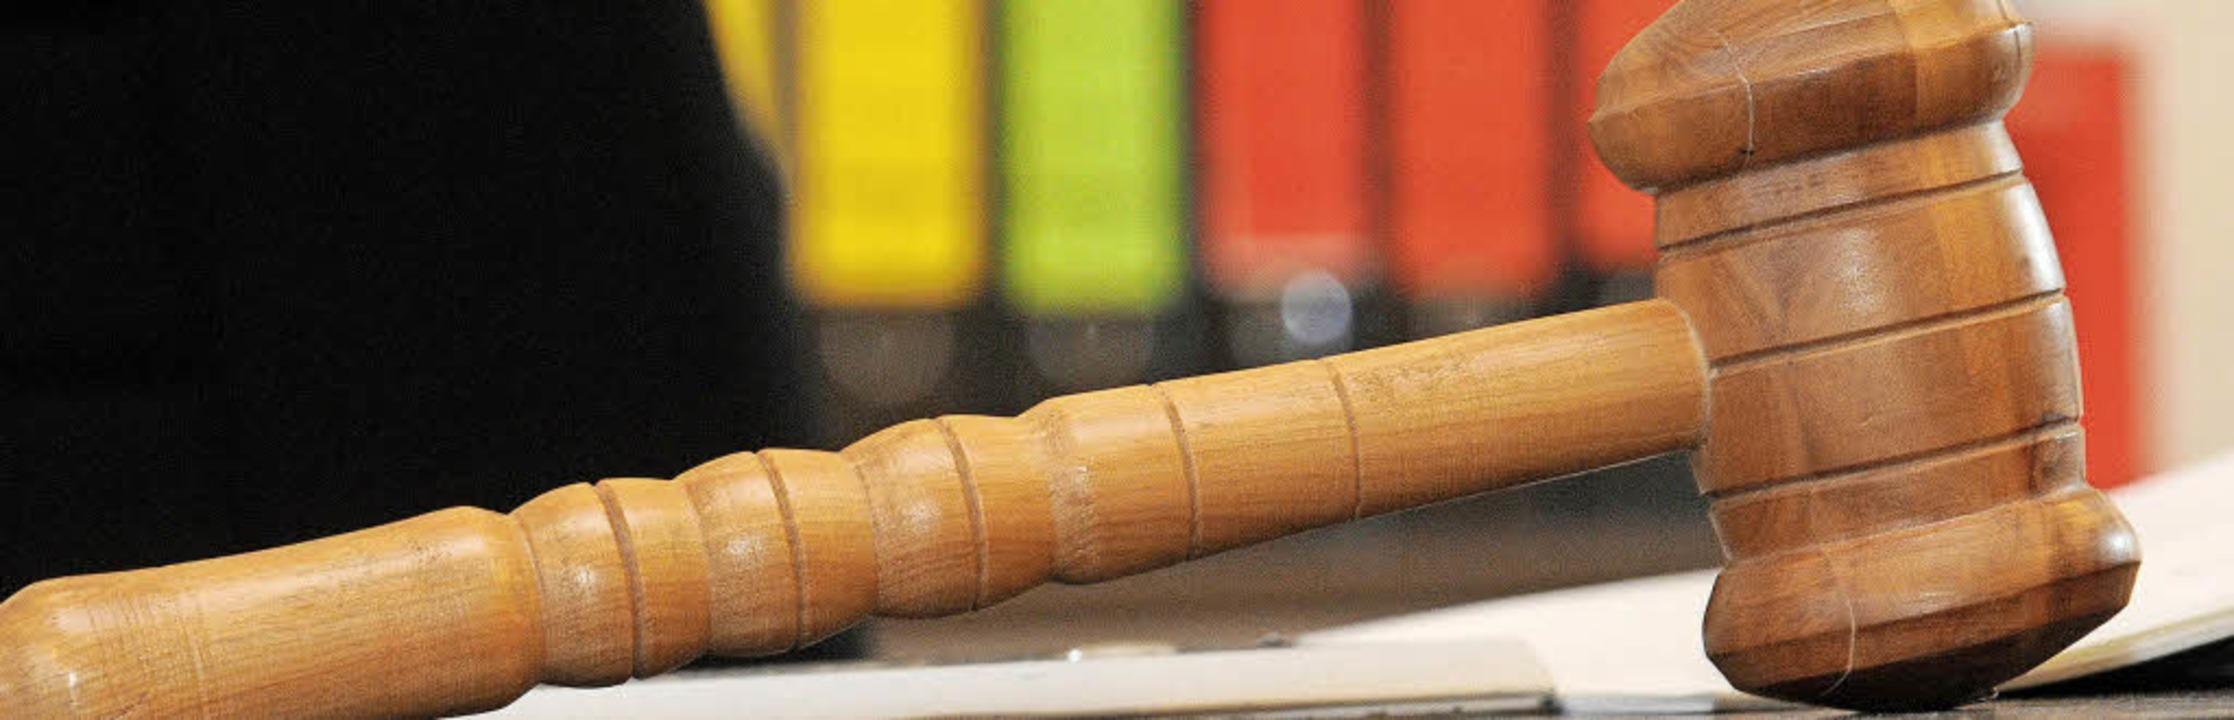 Schöffen sind an den Entscheidungen im Gerichtssaal beteiligt.     Foto: Dpa (1)/Thomas Biniossek (2)